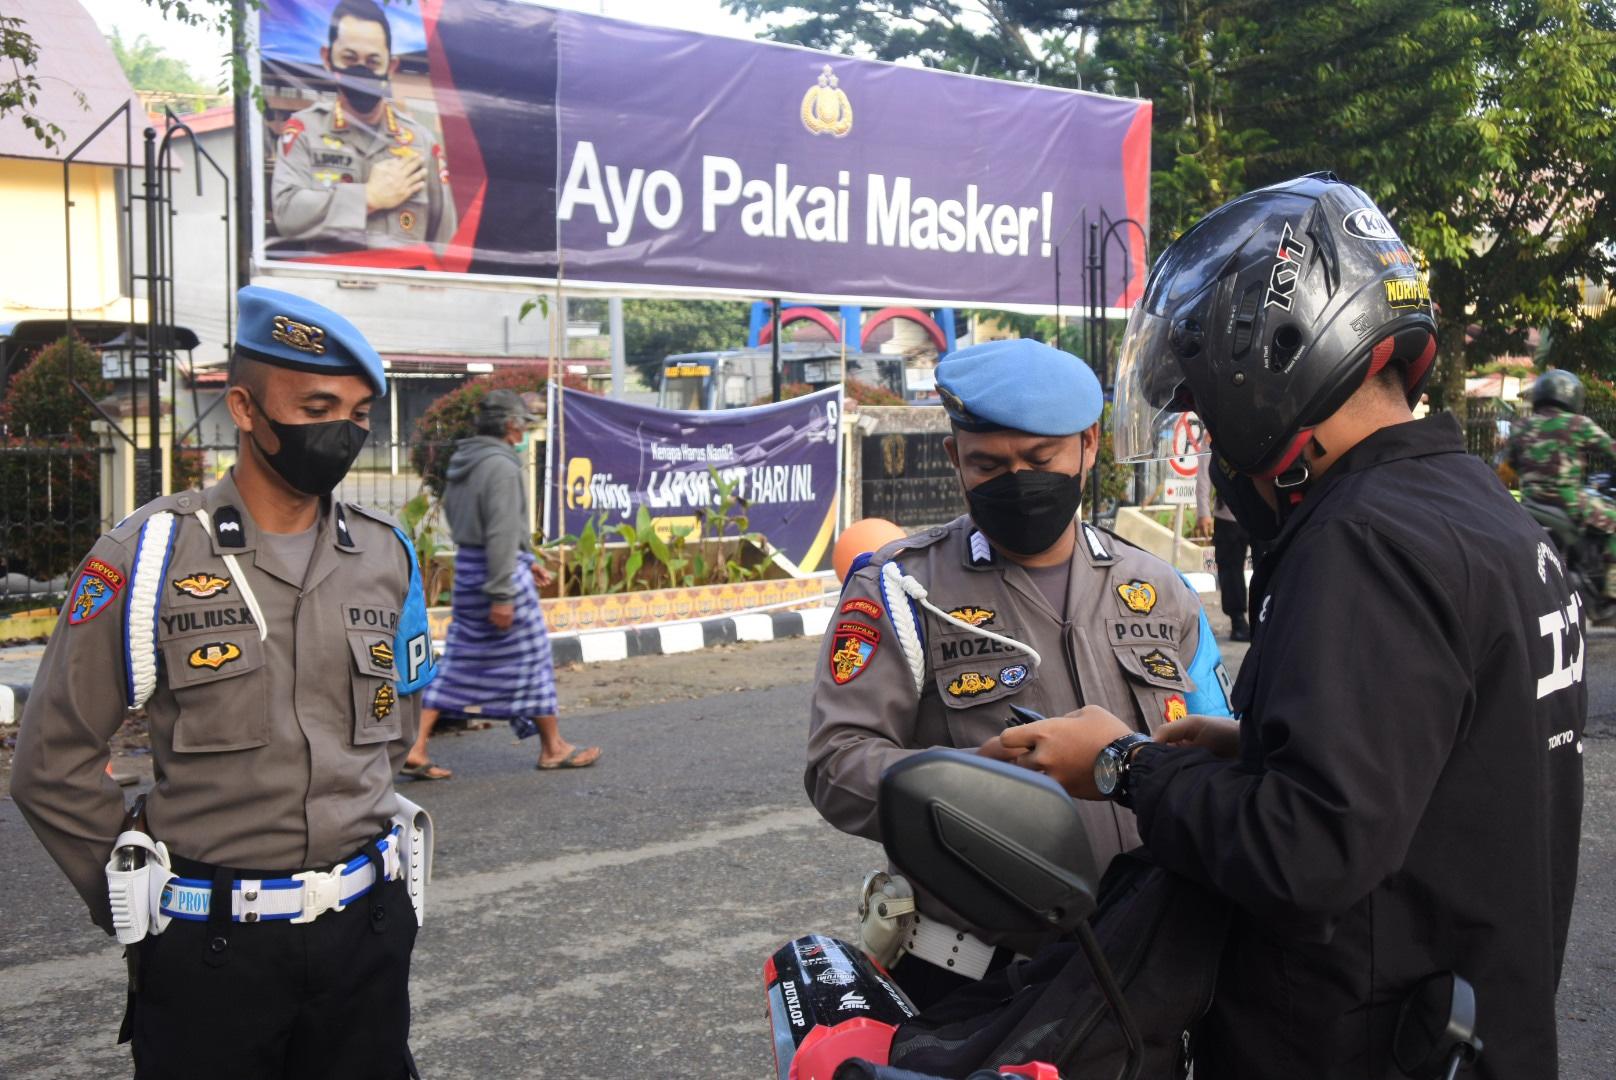 Tidak Lengkap Saat Berkendara, 7 Personil Polres Toraja Utara ini  Ditilang Propam